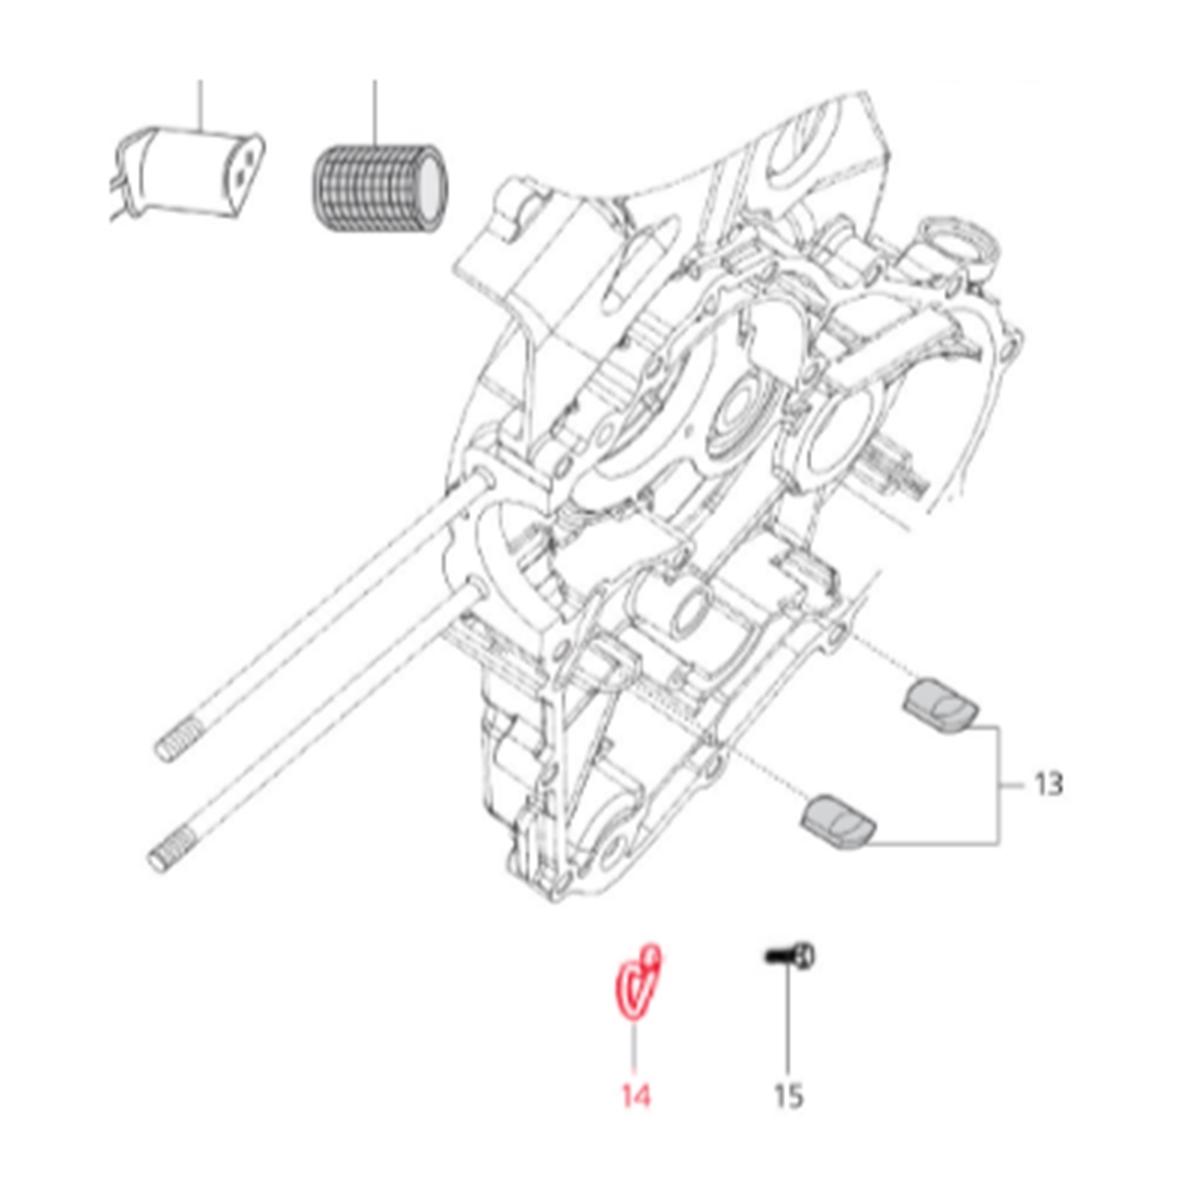 Zdjęcie produktu dla 'Blacha mocująca LML linki zmiany biegówTitle'